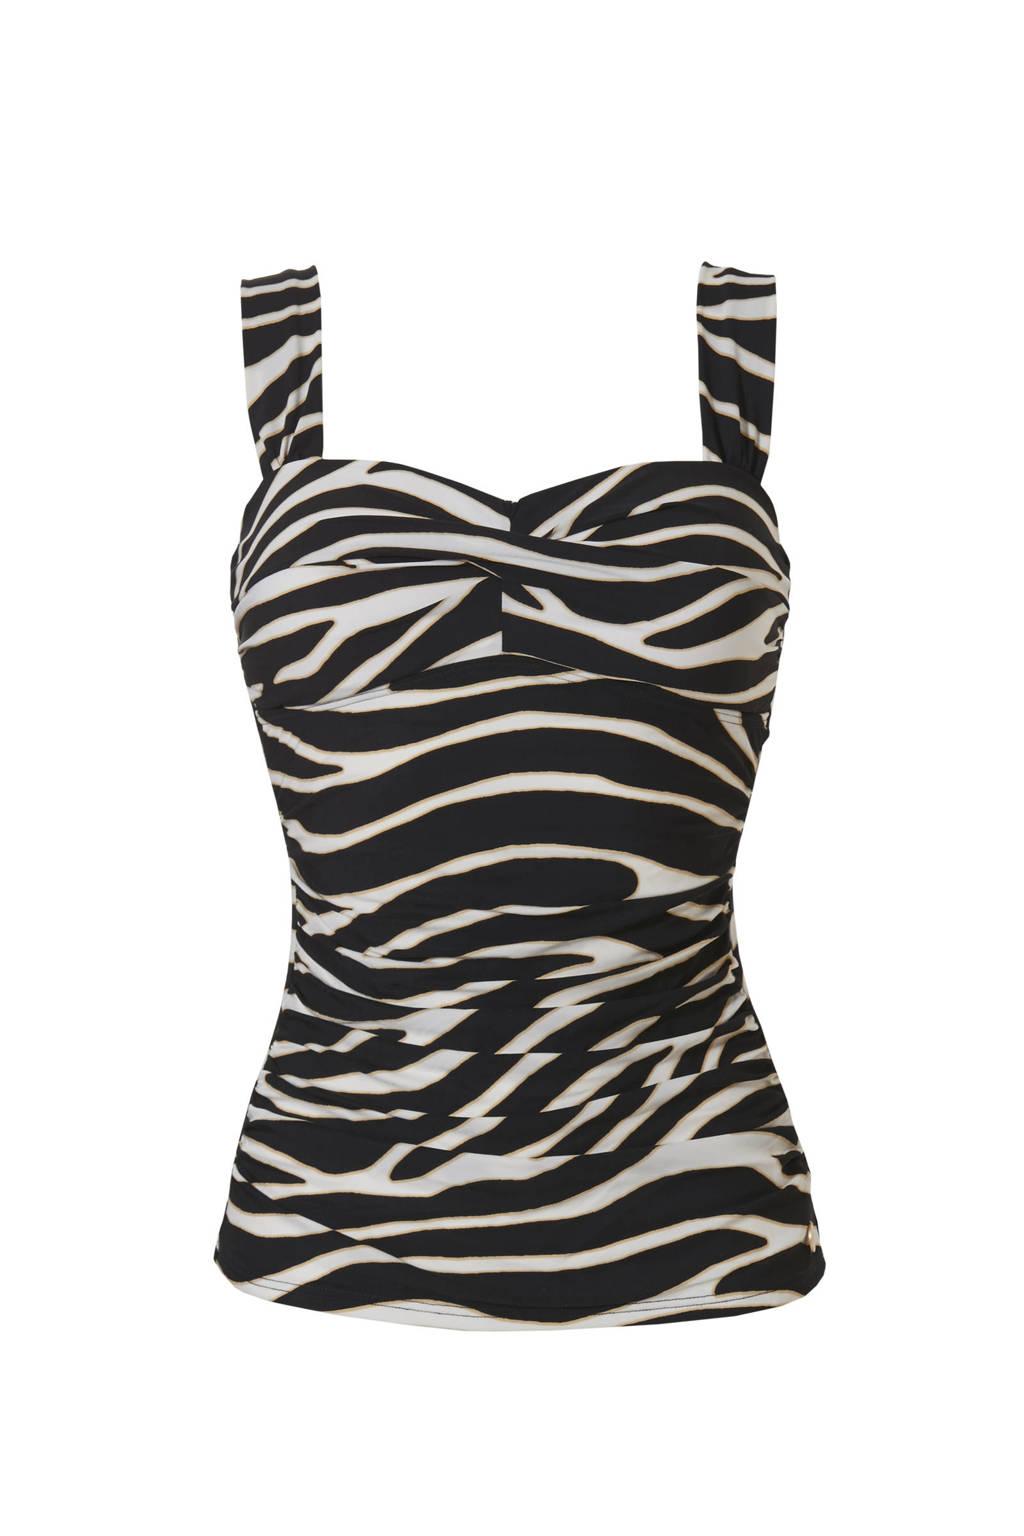 TC WOW tankini bikinitop met zebraprint zwart/wit, Zwart/wit